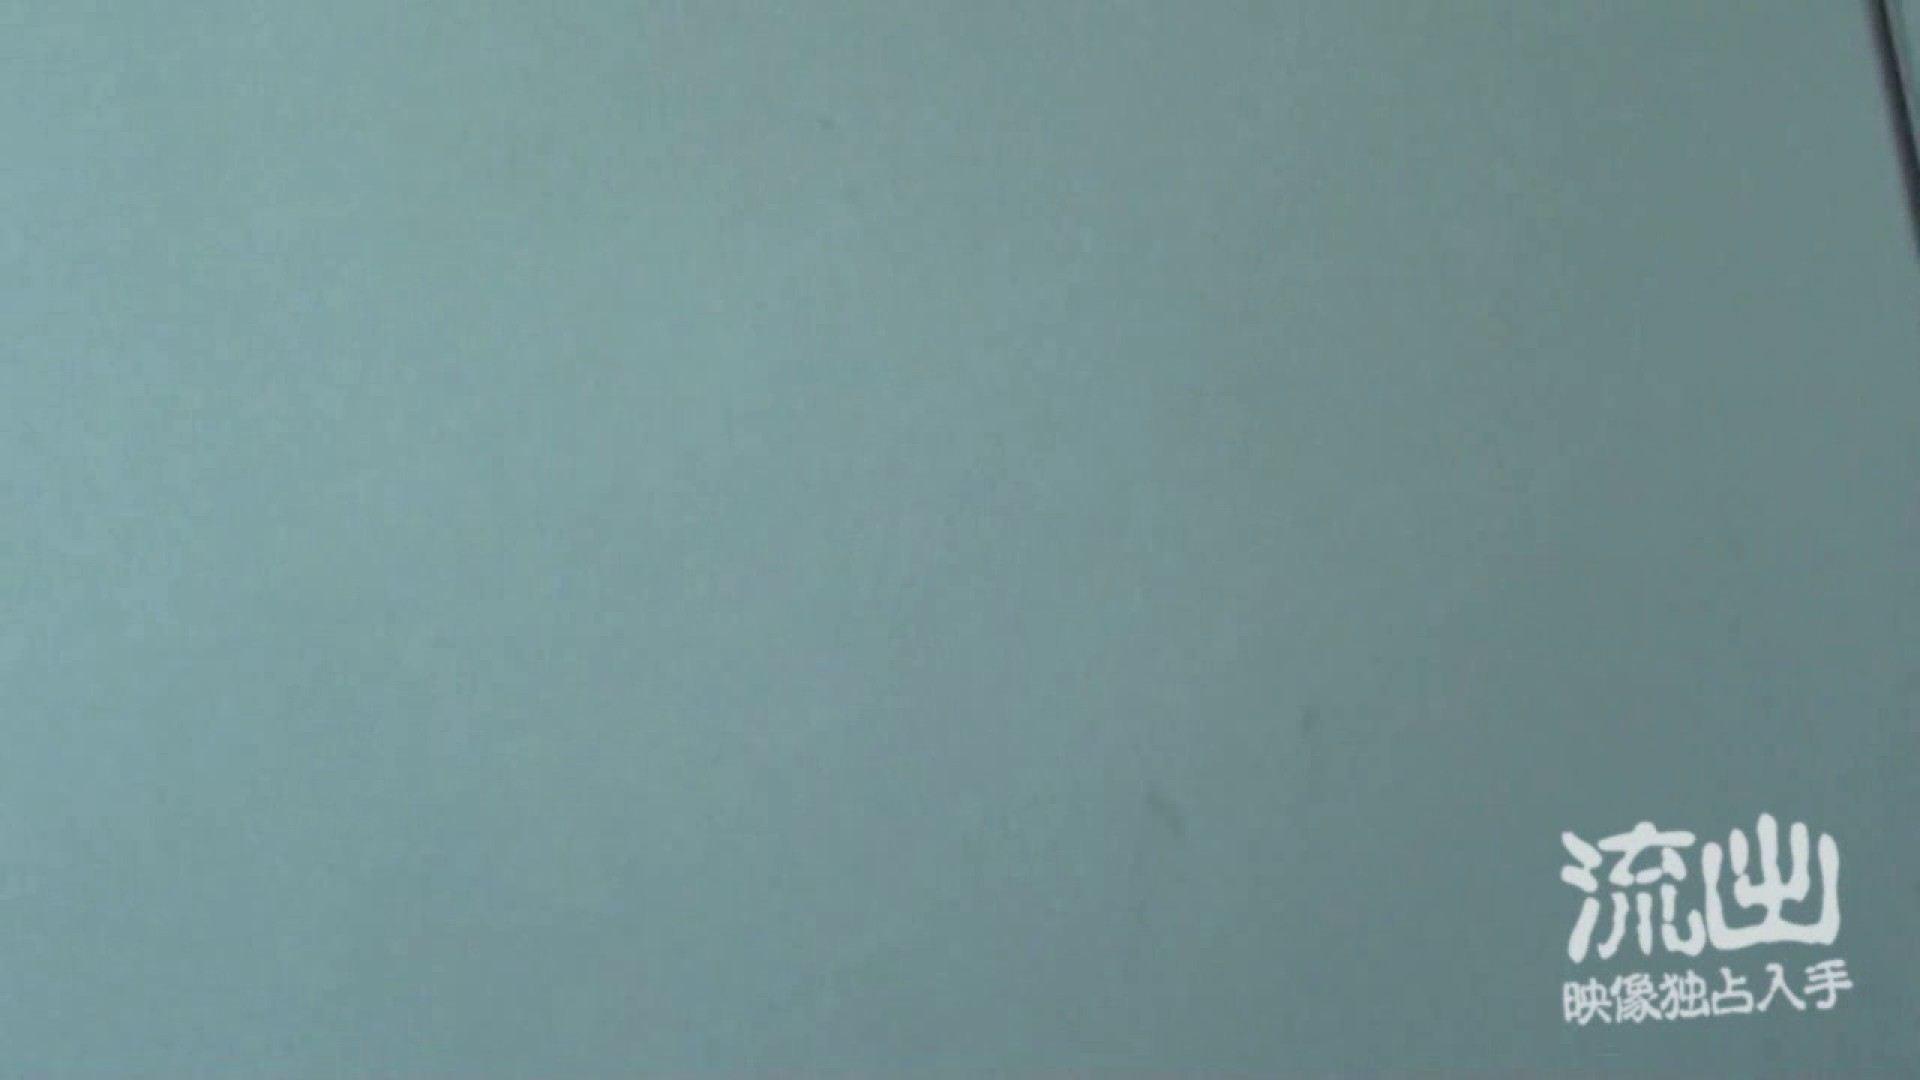 ヤリマンのオマンコ:素人流出動画 都内在住マモルくんのファイルvol.2:大奥